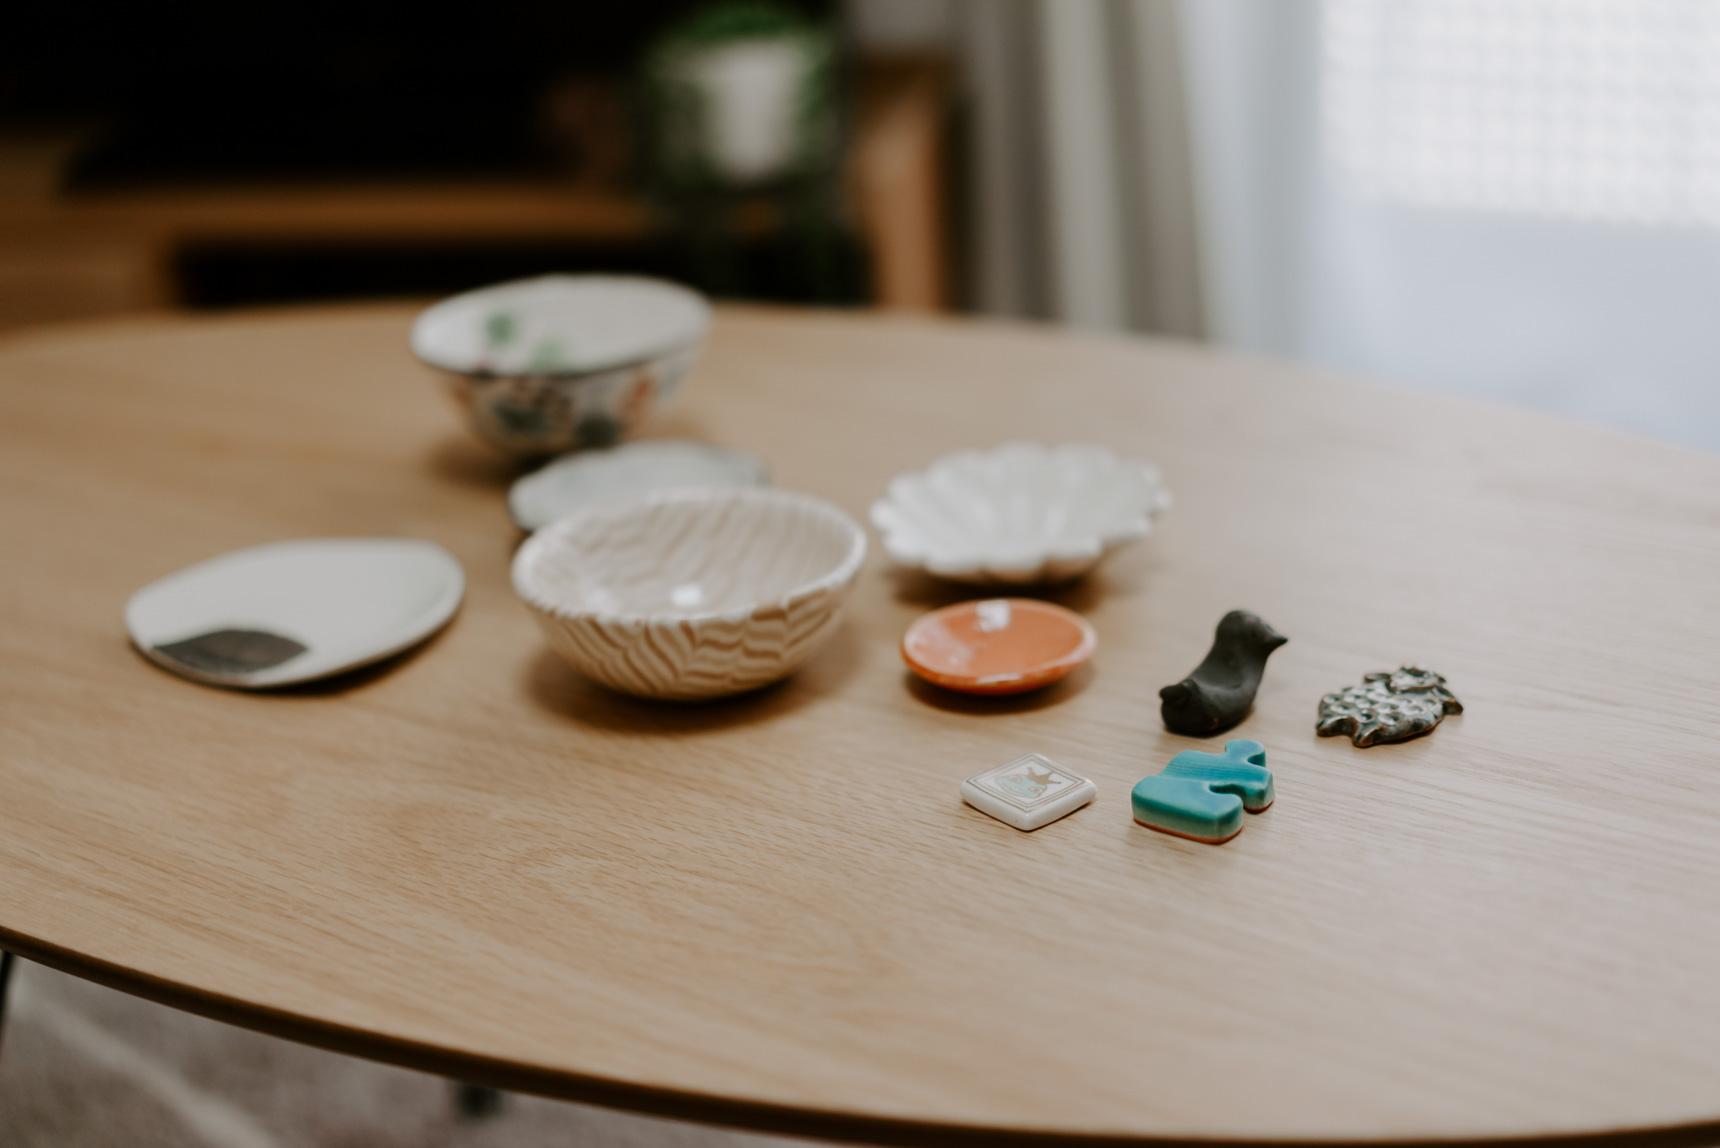 自炊をするようになって器にも凝るように。副菜を入れるための豆皿やお箸置きをコレクションしていらっしゃいます。